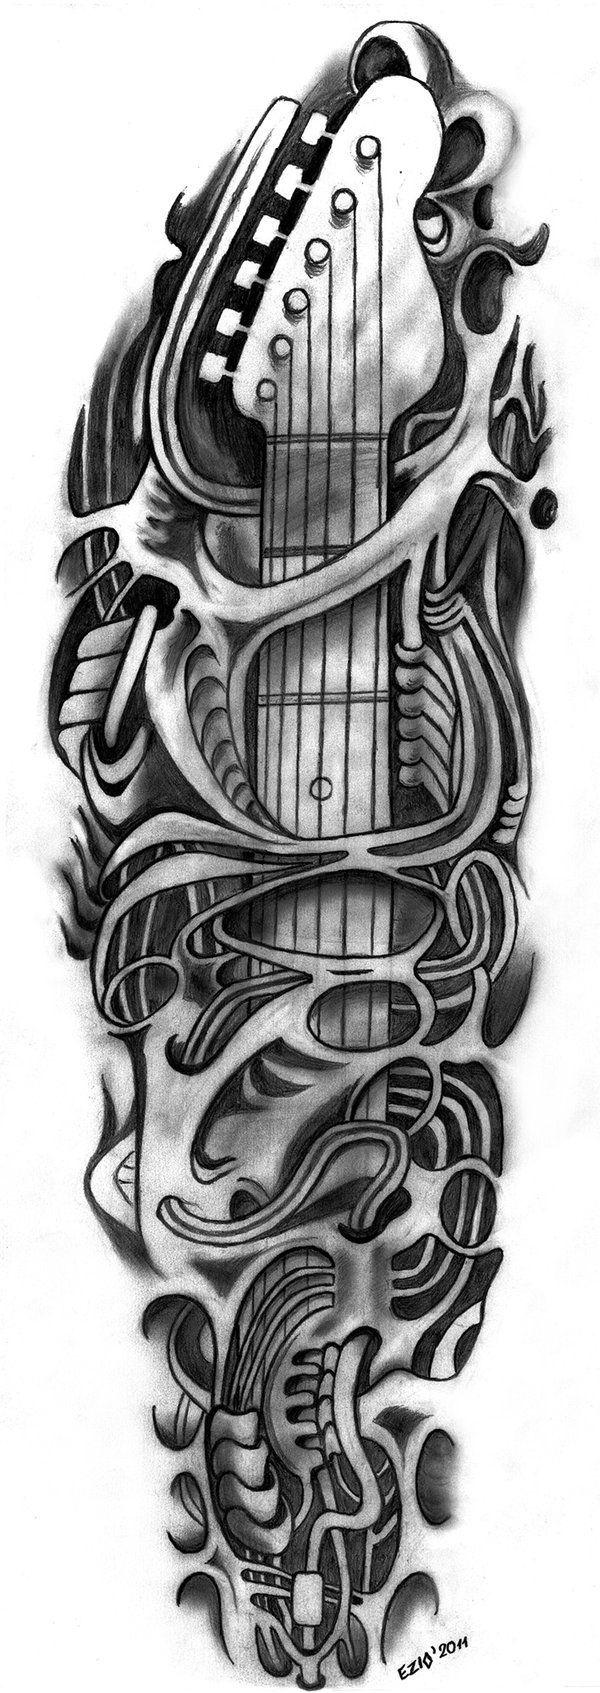 Guitar tattoo | Tattoo flash | Pinterest